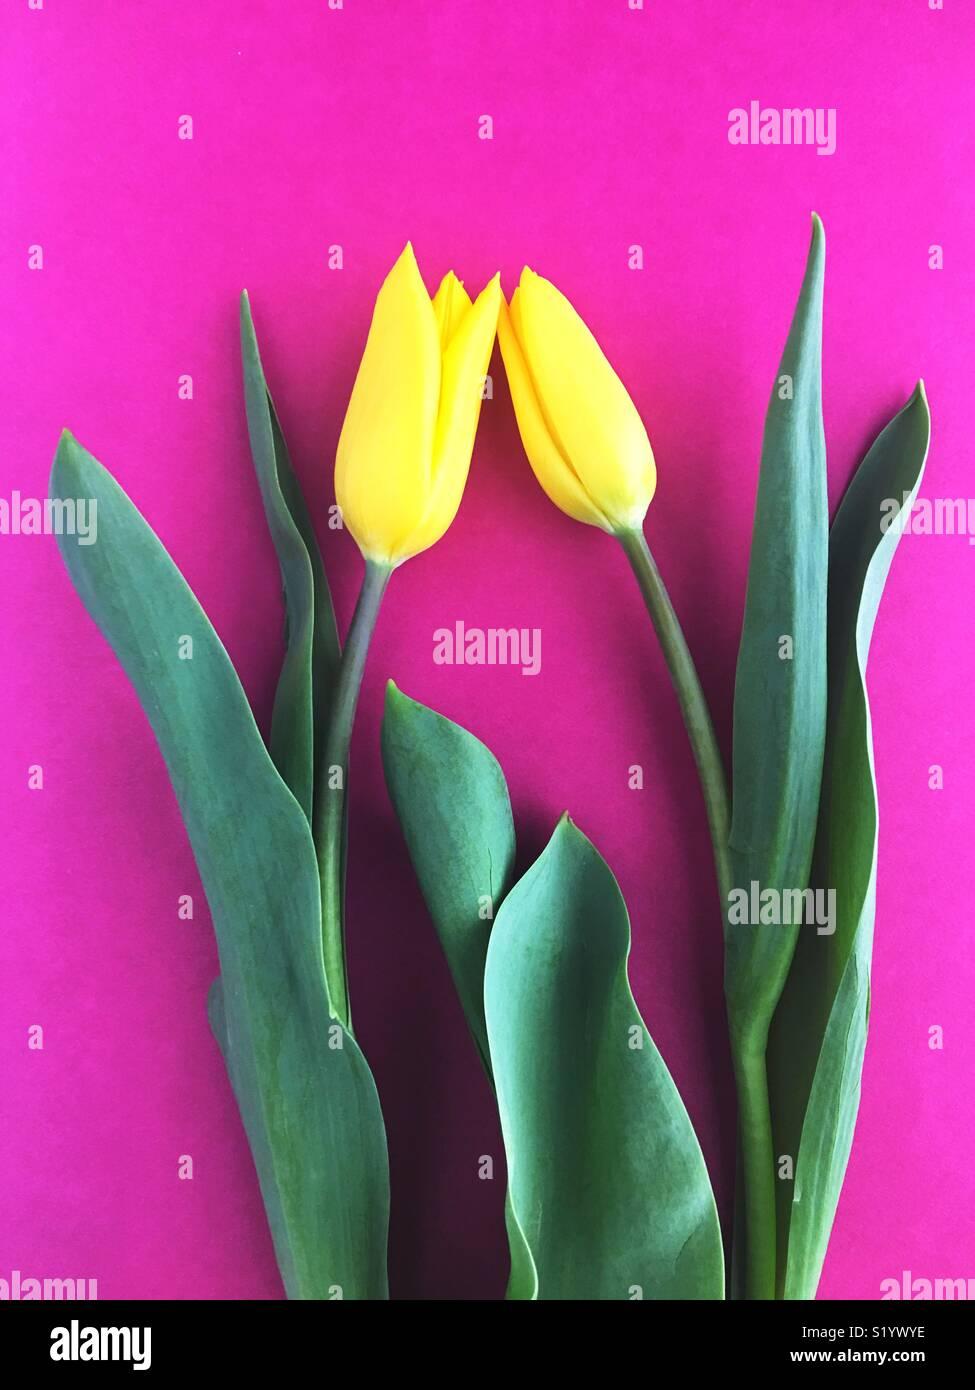 Two yellow tulips. - Stock Image